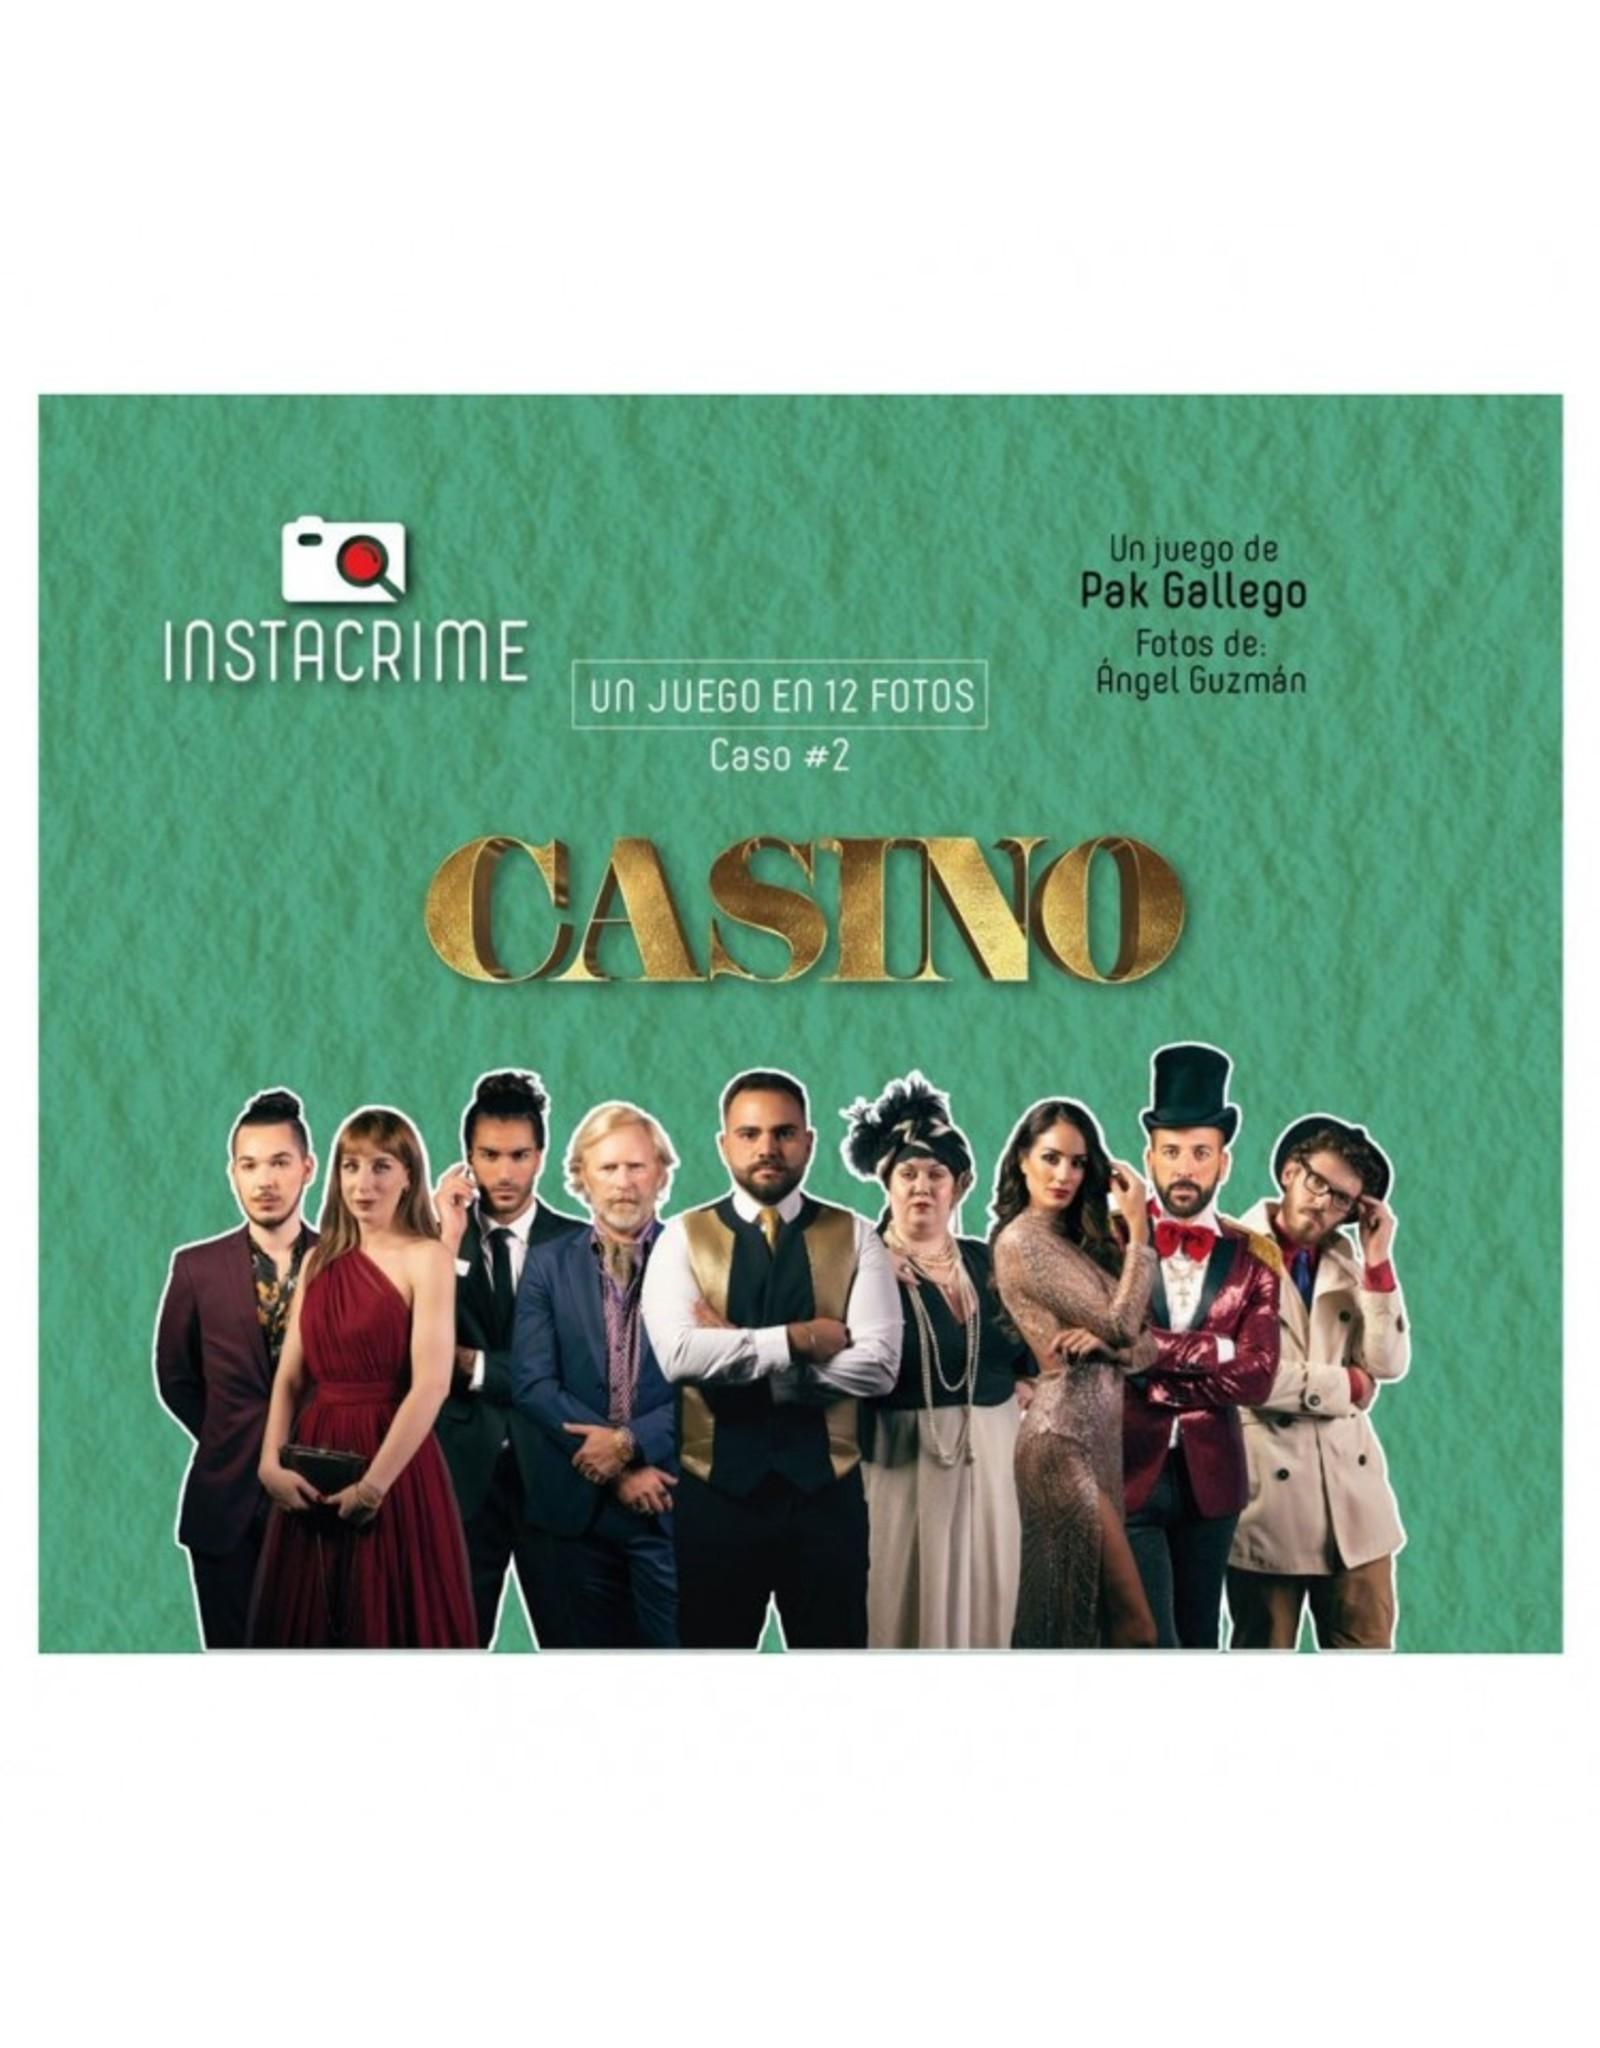 Instacrime: Casino